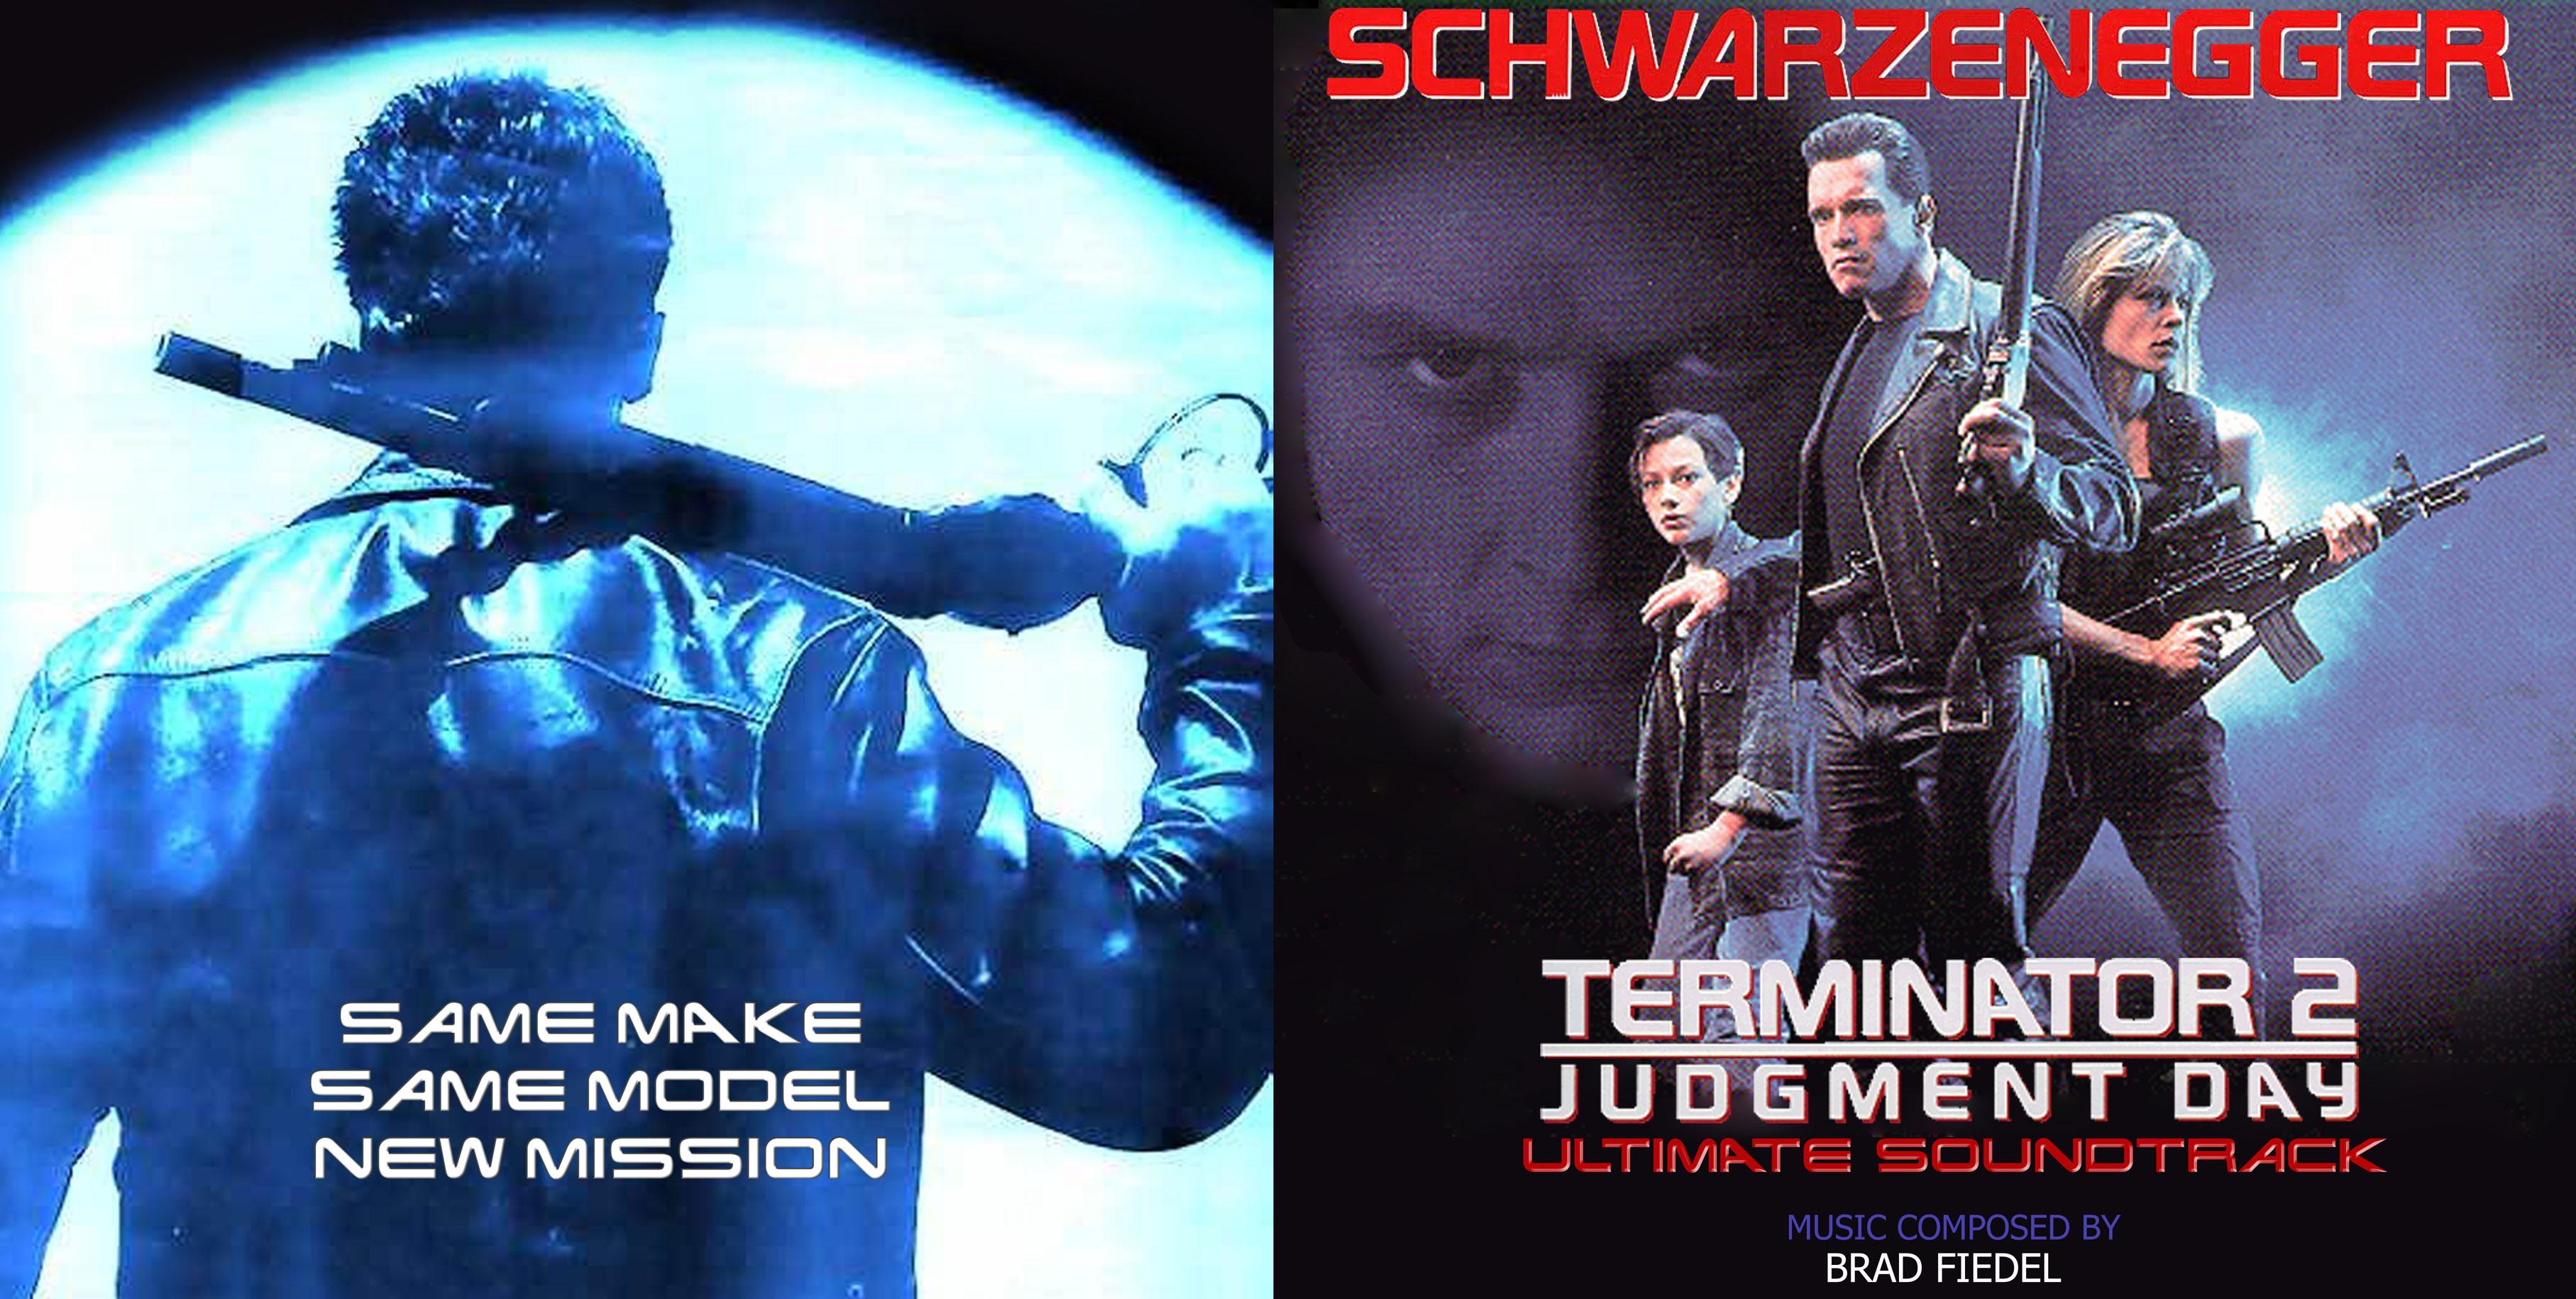 The Terminator (Original Soundtrack) (CD, Album) | Discogs  |The Terminator 2 Cover